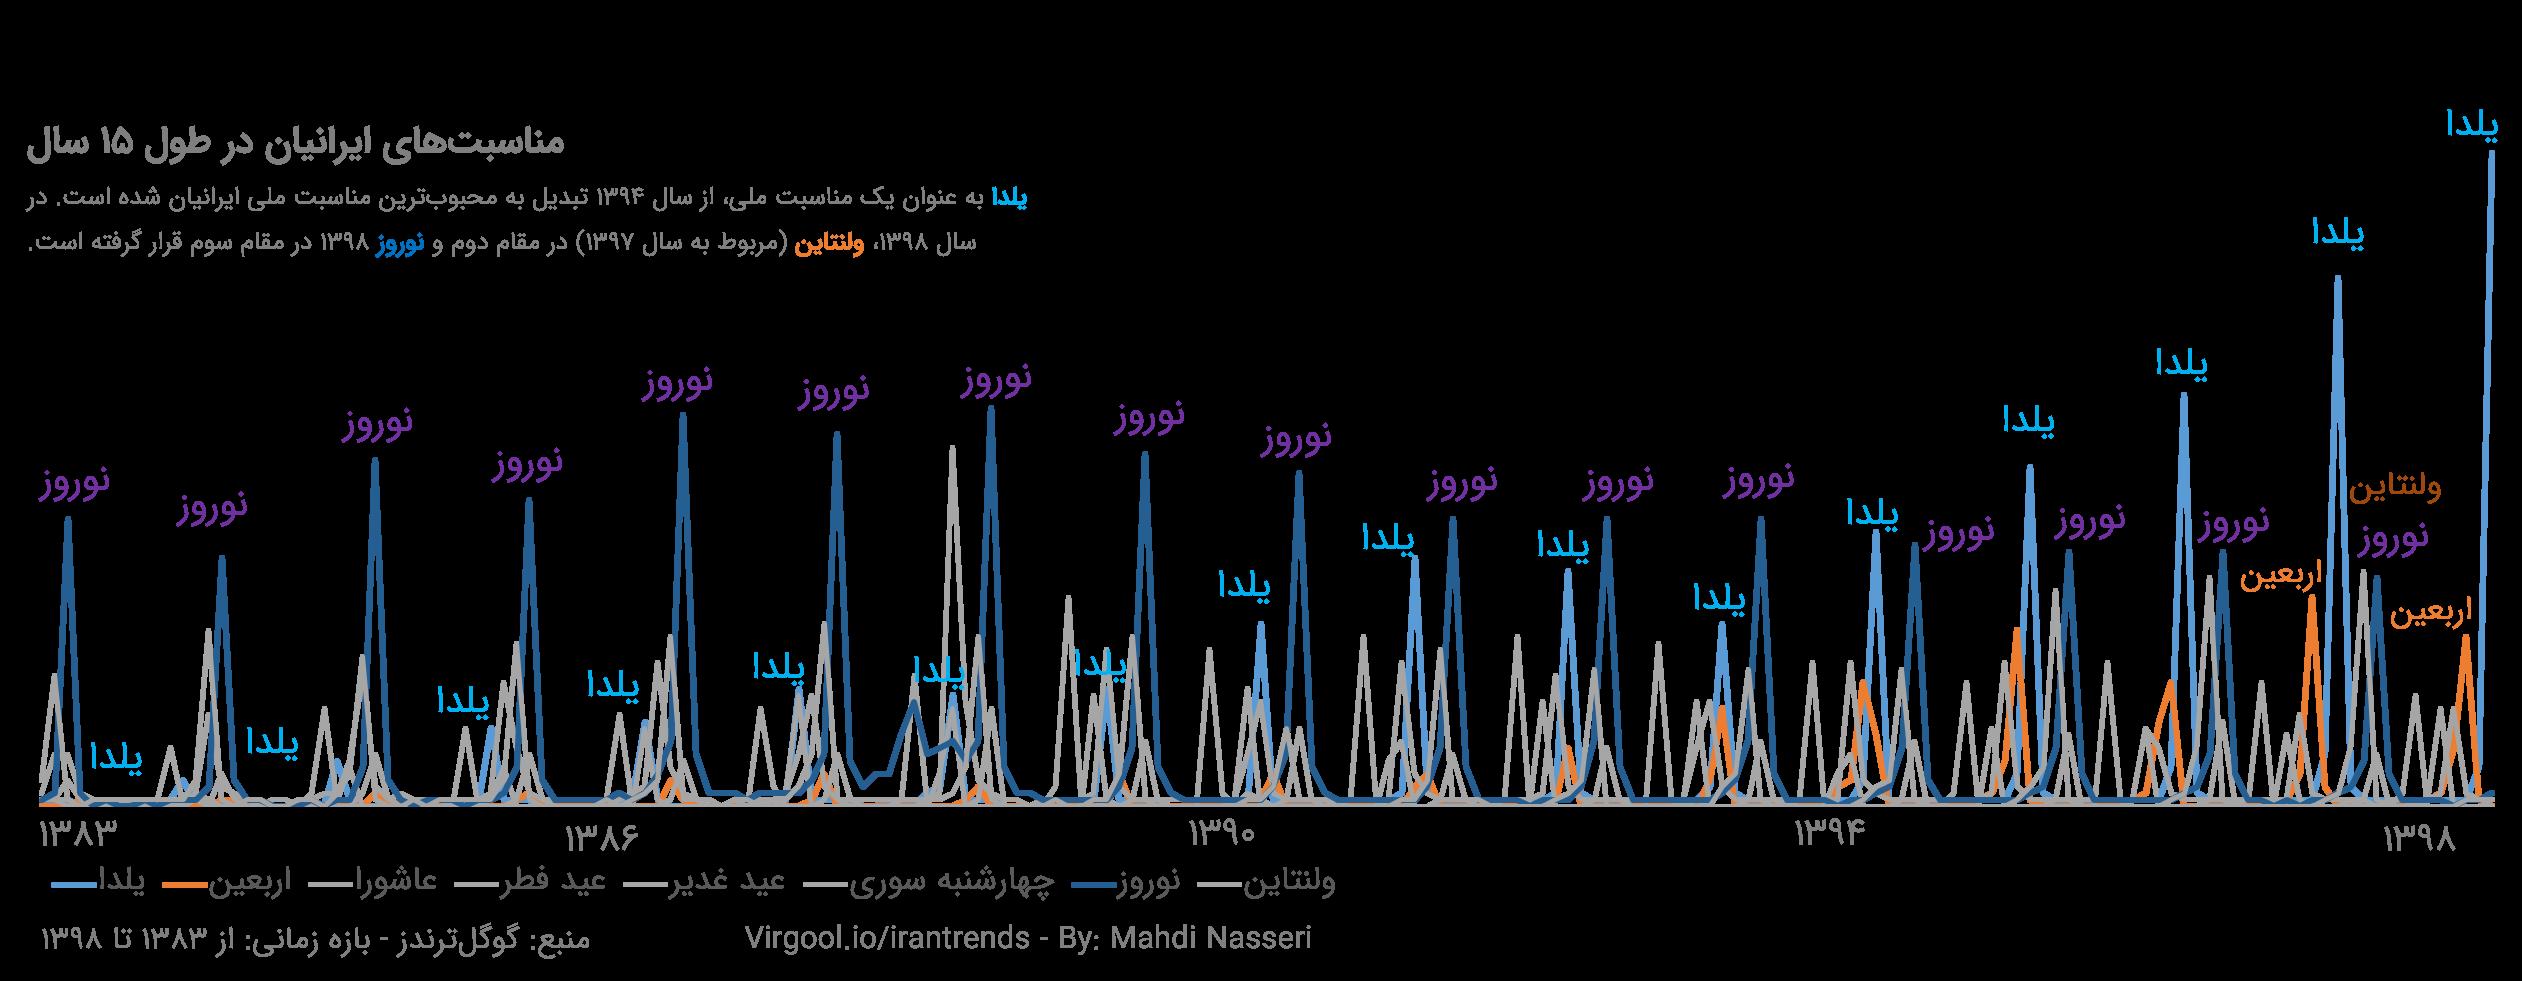 محبوبیت یلدا از سال ۱۳۹۴ به بعد بیشتر از نوروز شده است